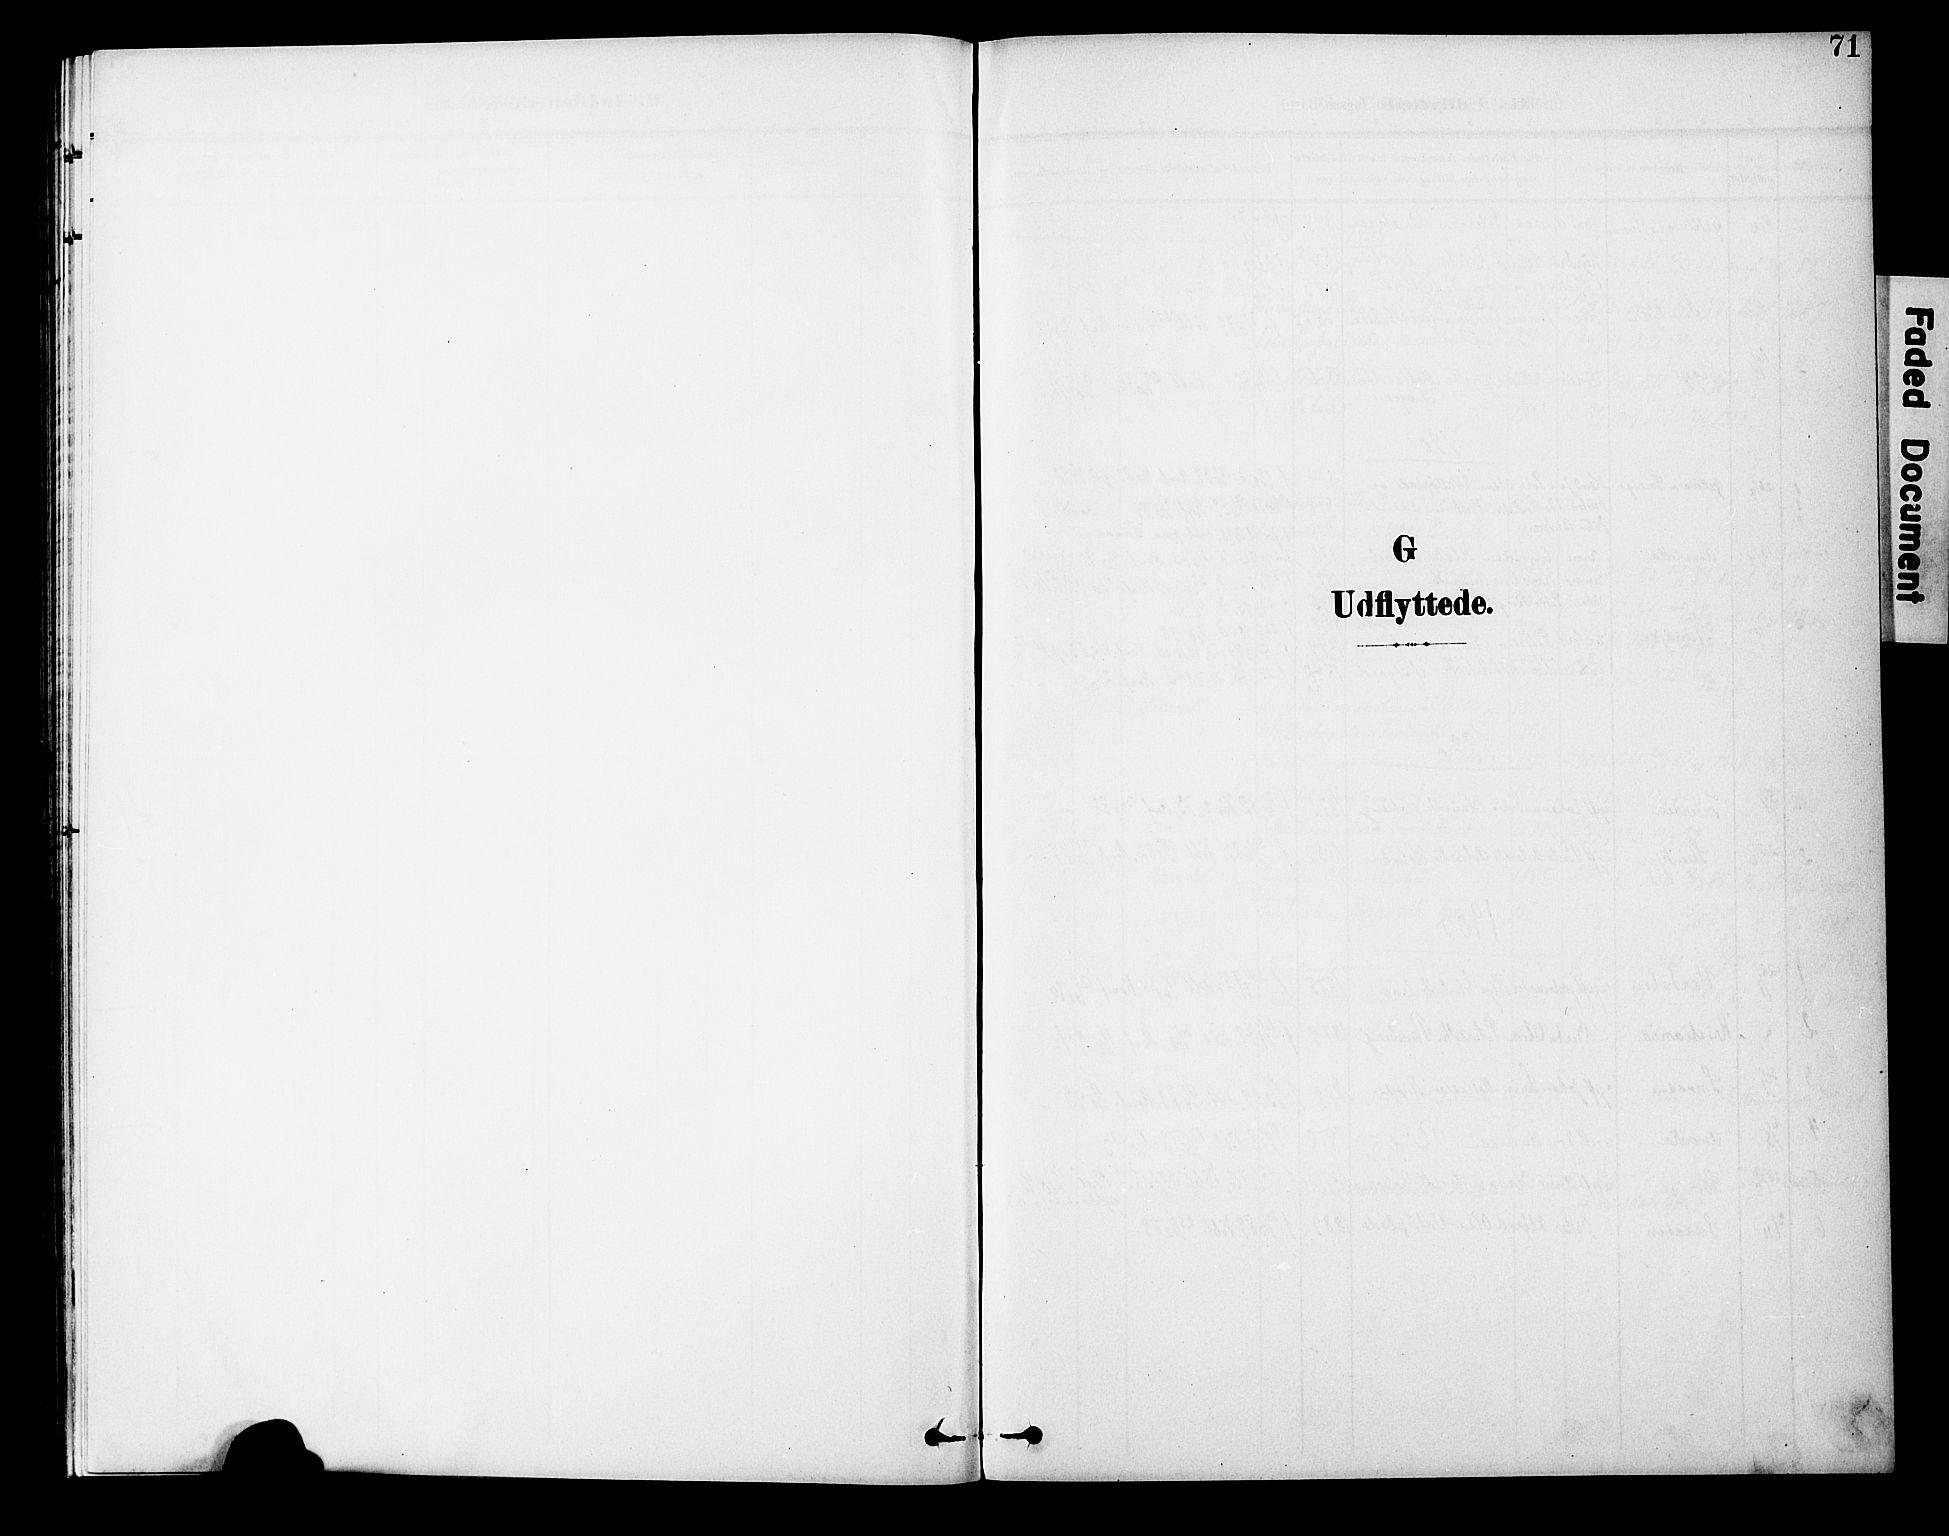 SAT, Ministerialprotokoller, klokkerbøker og fødselsregistre - Nord-Trøndelag, 746/L0452: Ministerialbok nr. 746A09, 1900-1908, s. 71